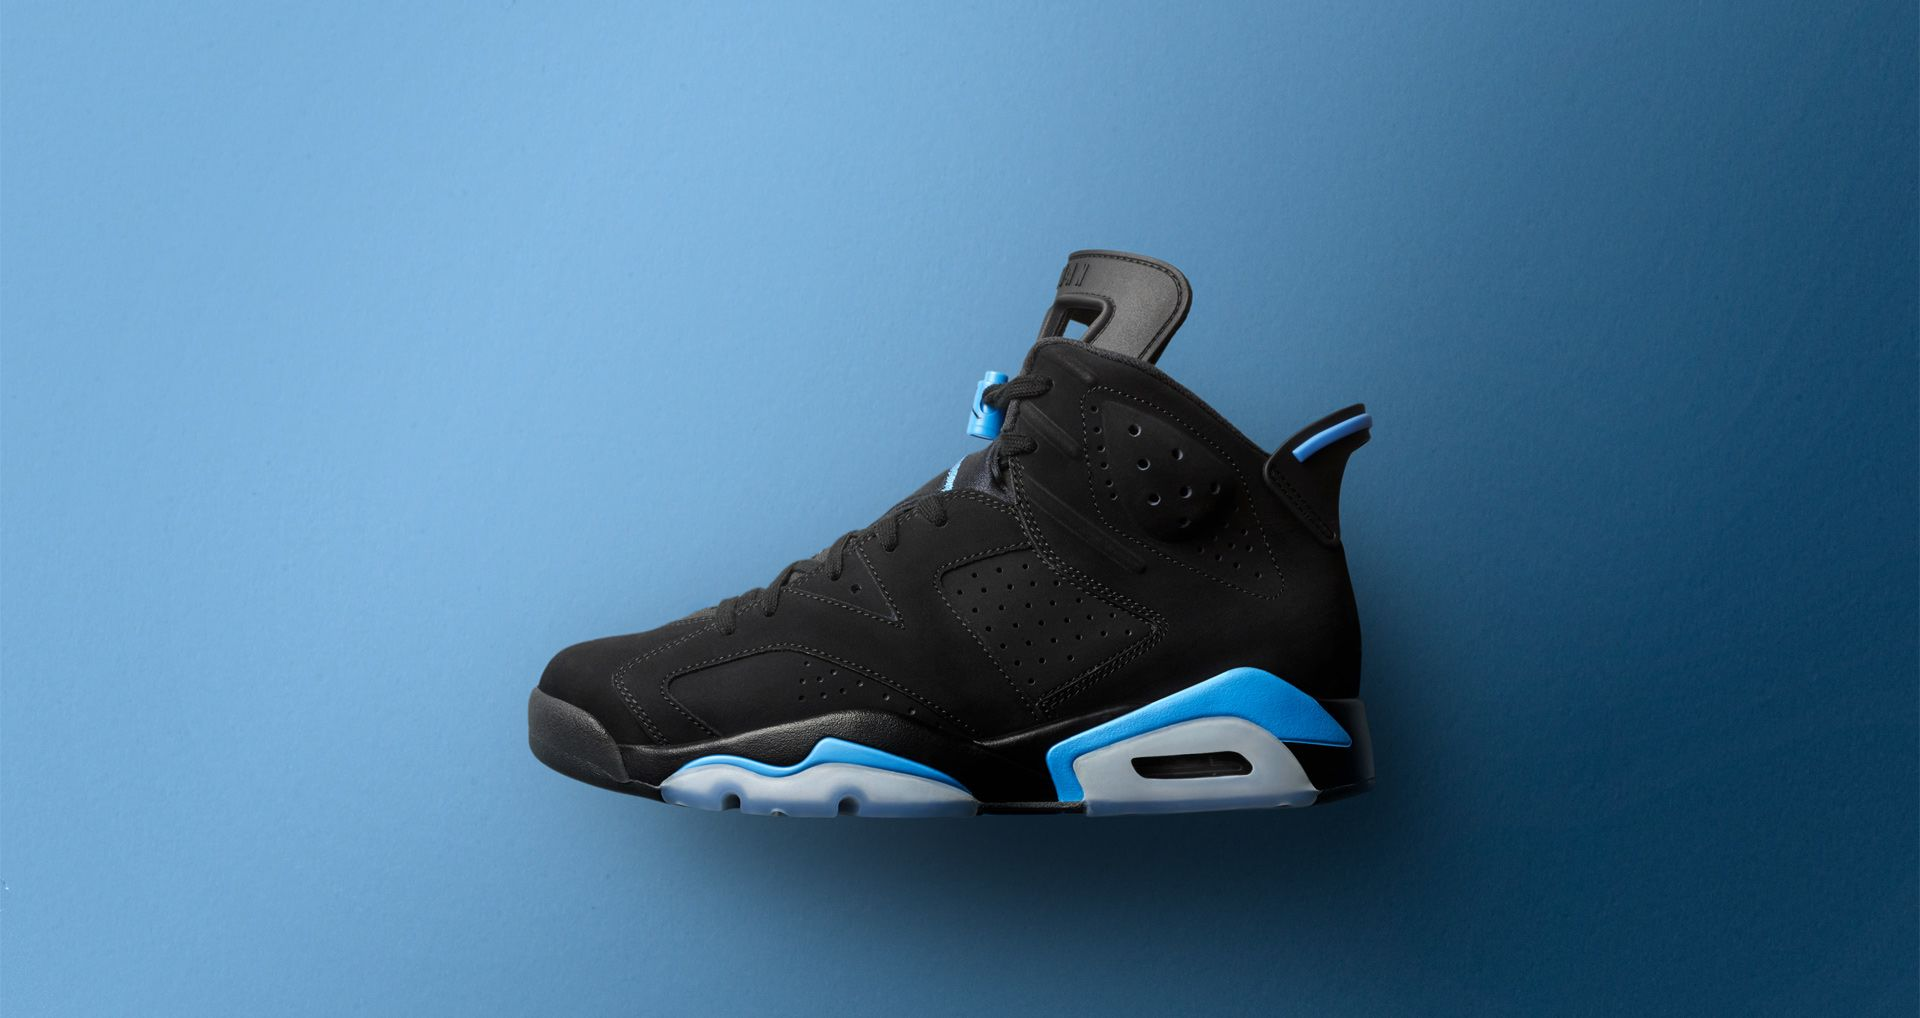 wholesale dealer a6361 76d8c Air Jordan 6  Black   University Blue  Release Date. Nike+ SNKRS